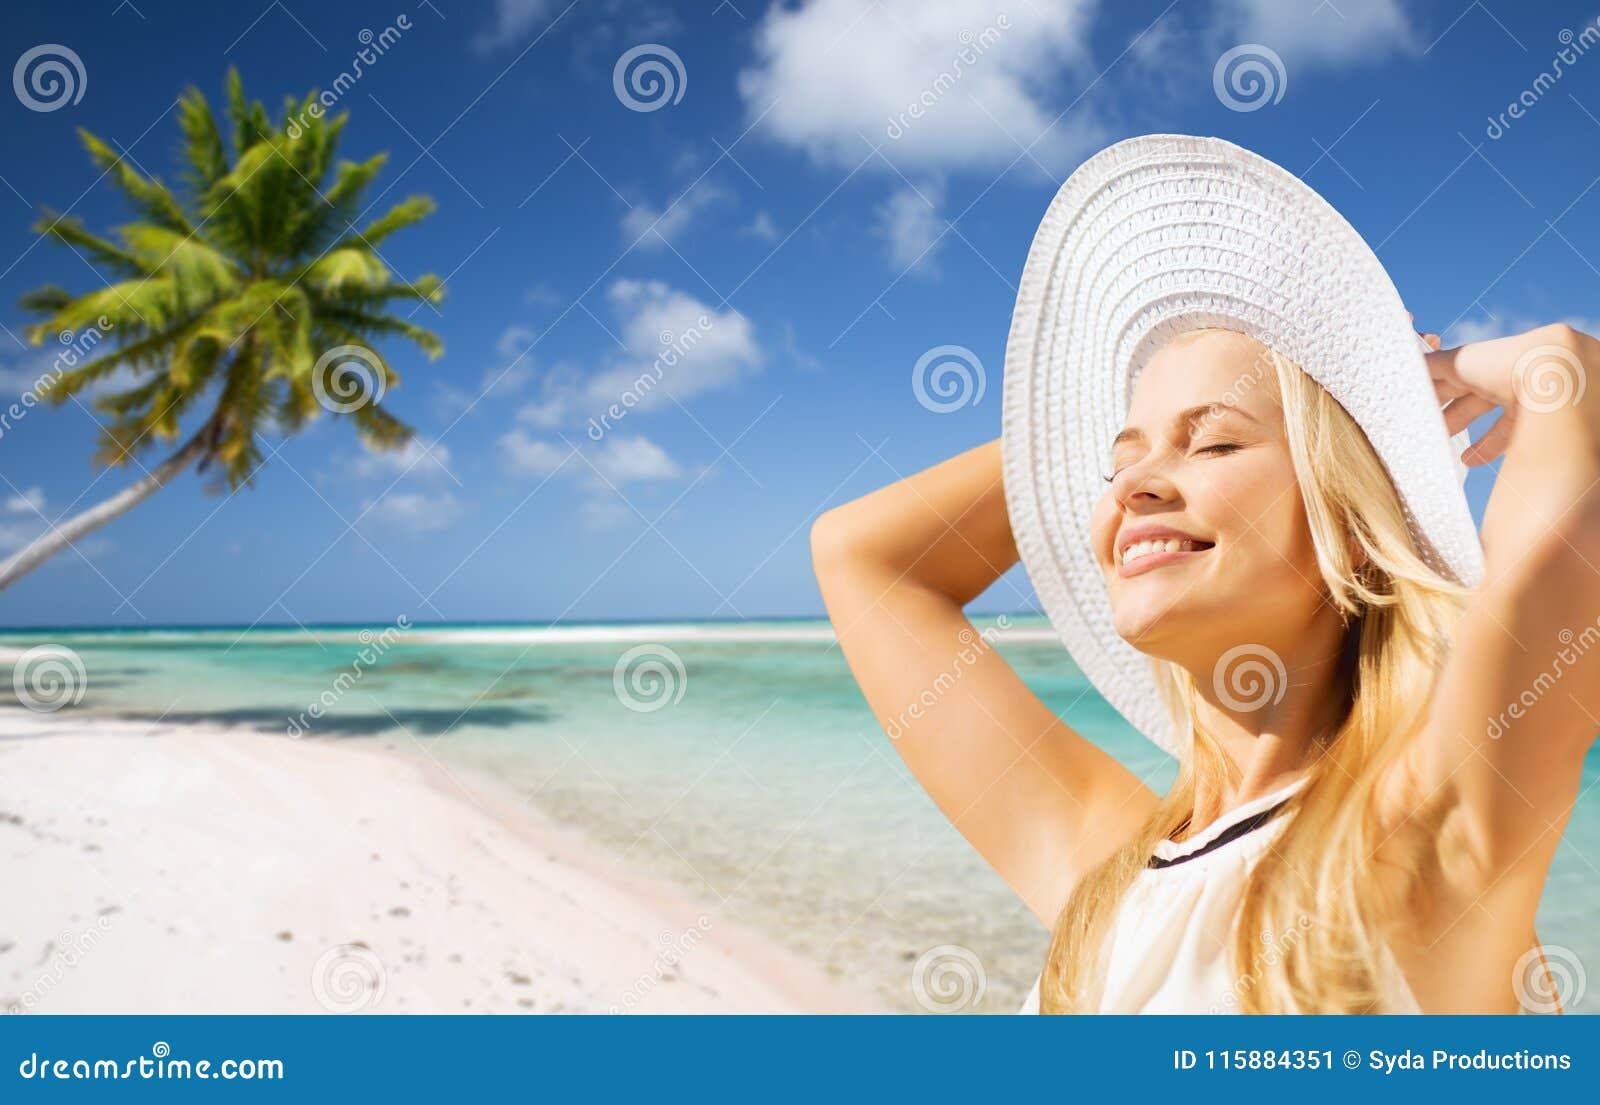 Mulher bonita que aprecia o verão sobre a praia